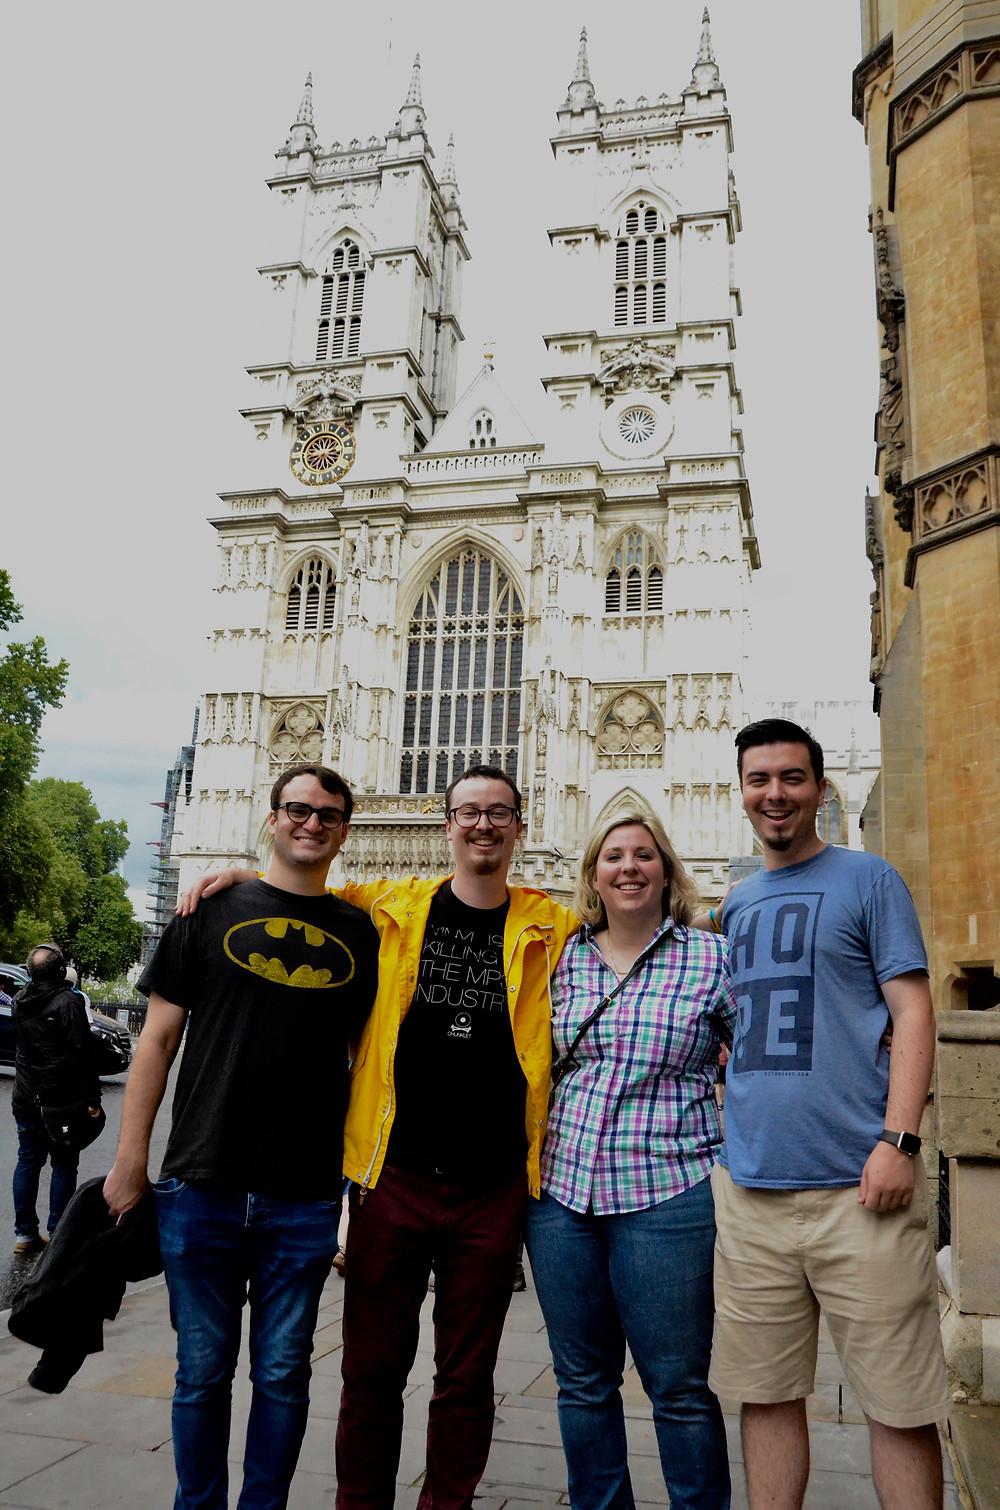 Sterling, Garrett, Sarah and Finn outside Westminster Abbey